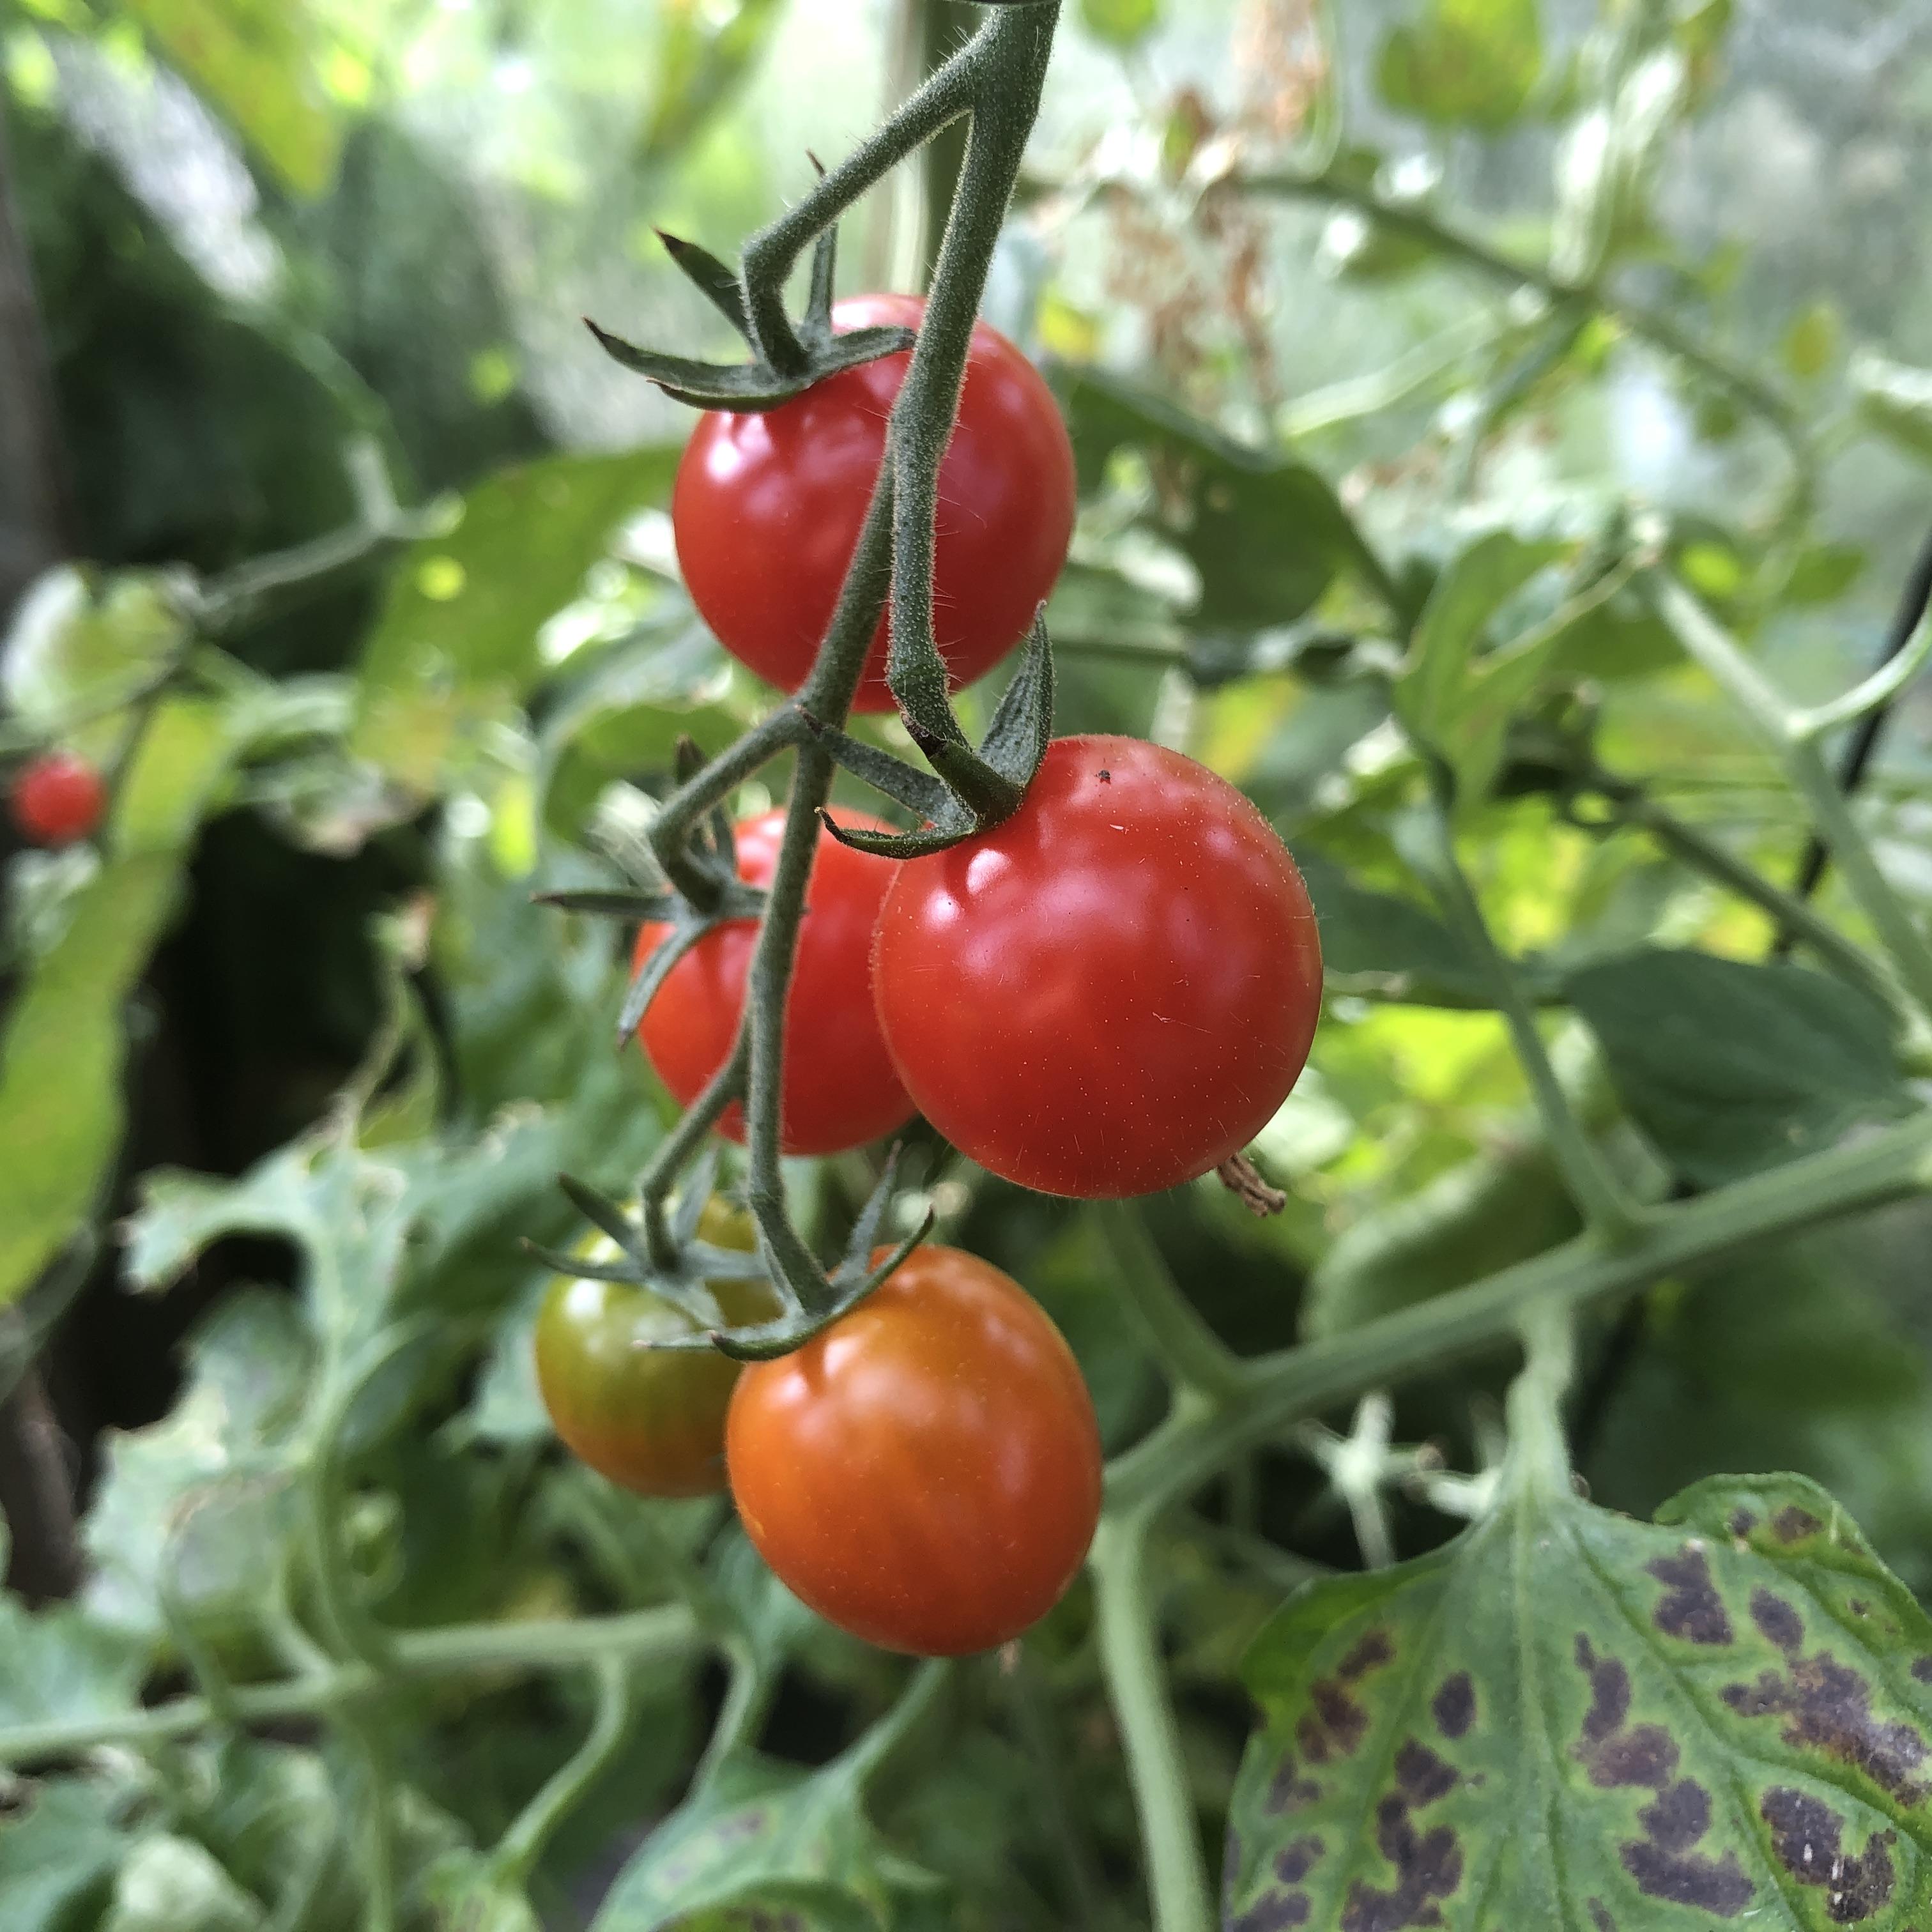 Rode tomaten zijn heel gezond